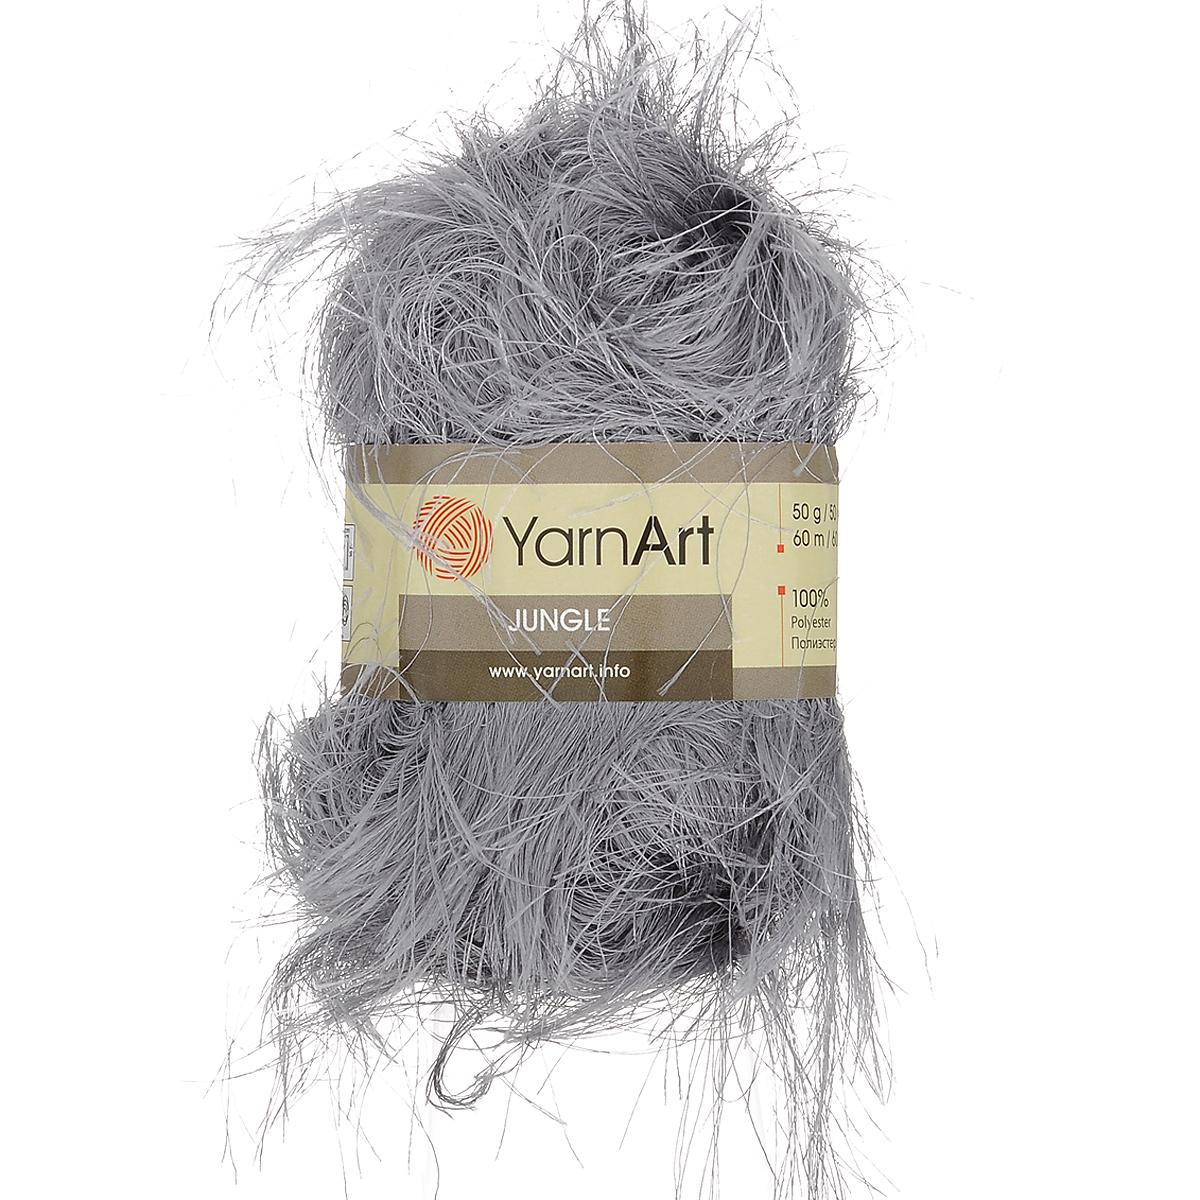 Пряжа для вязания YarnArt Jungle, цвет: стальной (22), 60 м, 50 г, 10 шт372055_22Пряжа для вязания YarnArt Jungle изготовлена из полиэстера. Пряжа-травка предназначена для ручного вязания и идеально подходит для отделки. Готовый ворс получается равным 4 см. Рекомендованные спицы и крючок для вязания 6 мм. Комплектация: 10 мотков. Состав: 100% полиэстер.